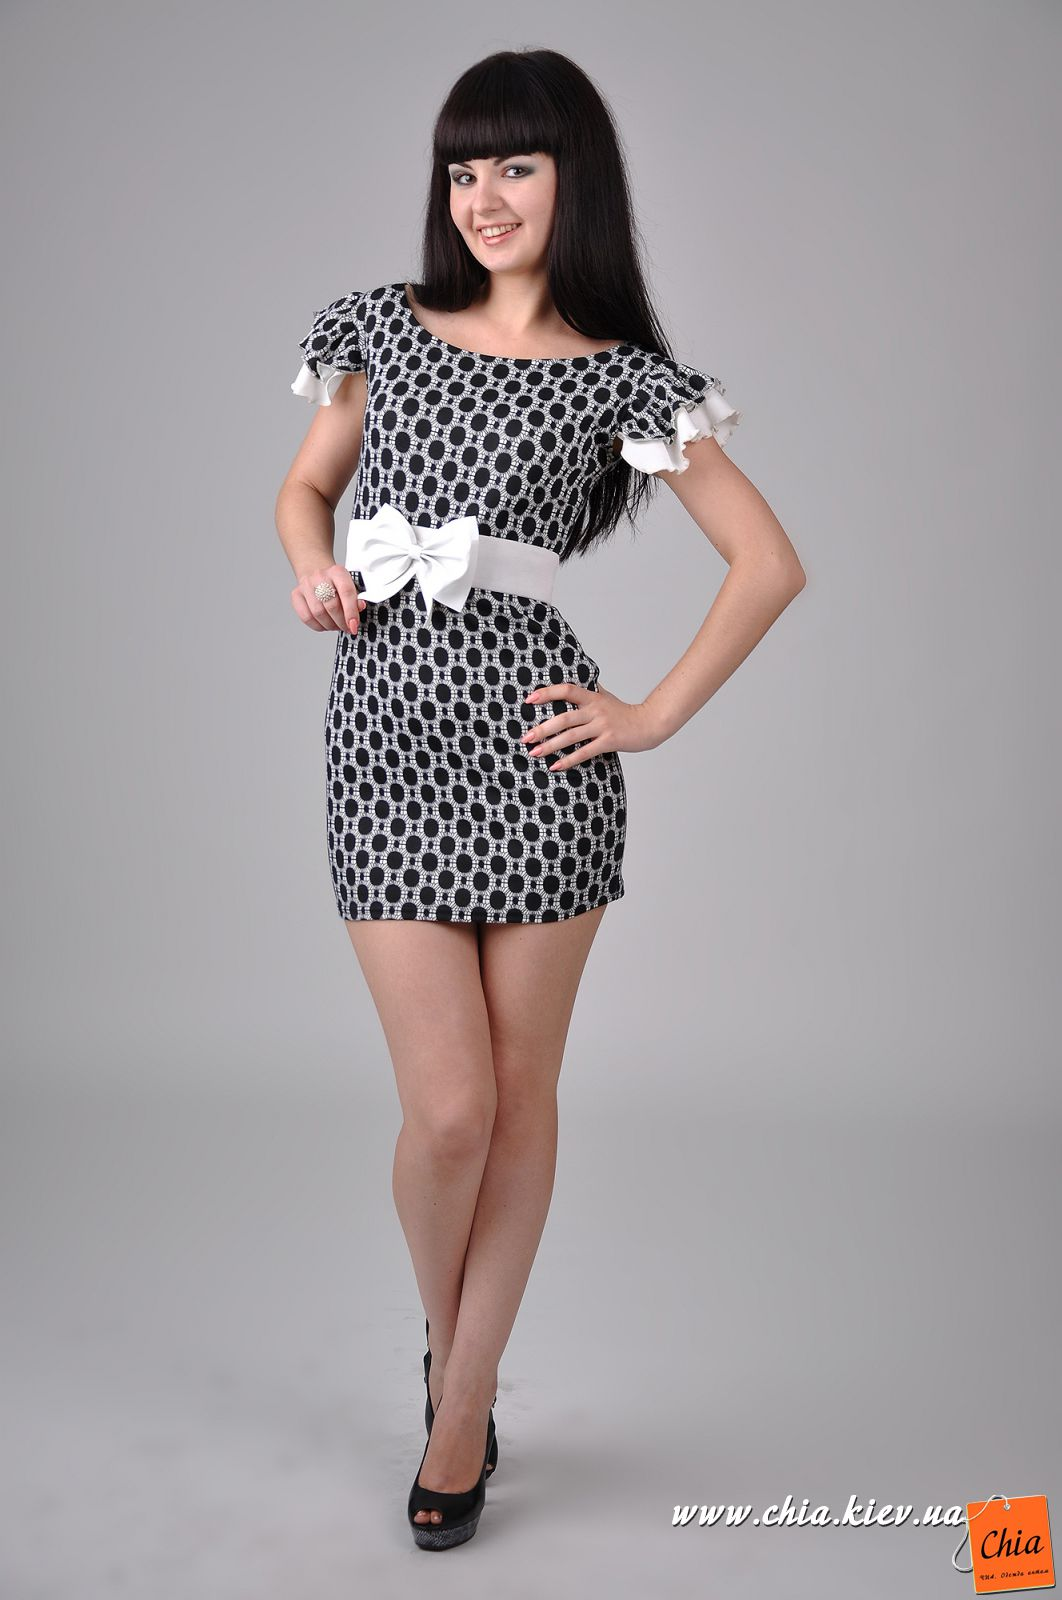 Фотографии Женской Одежды С Доставкой